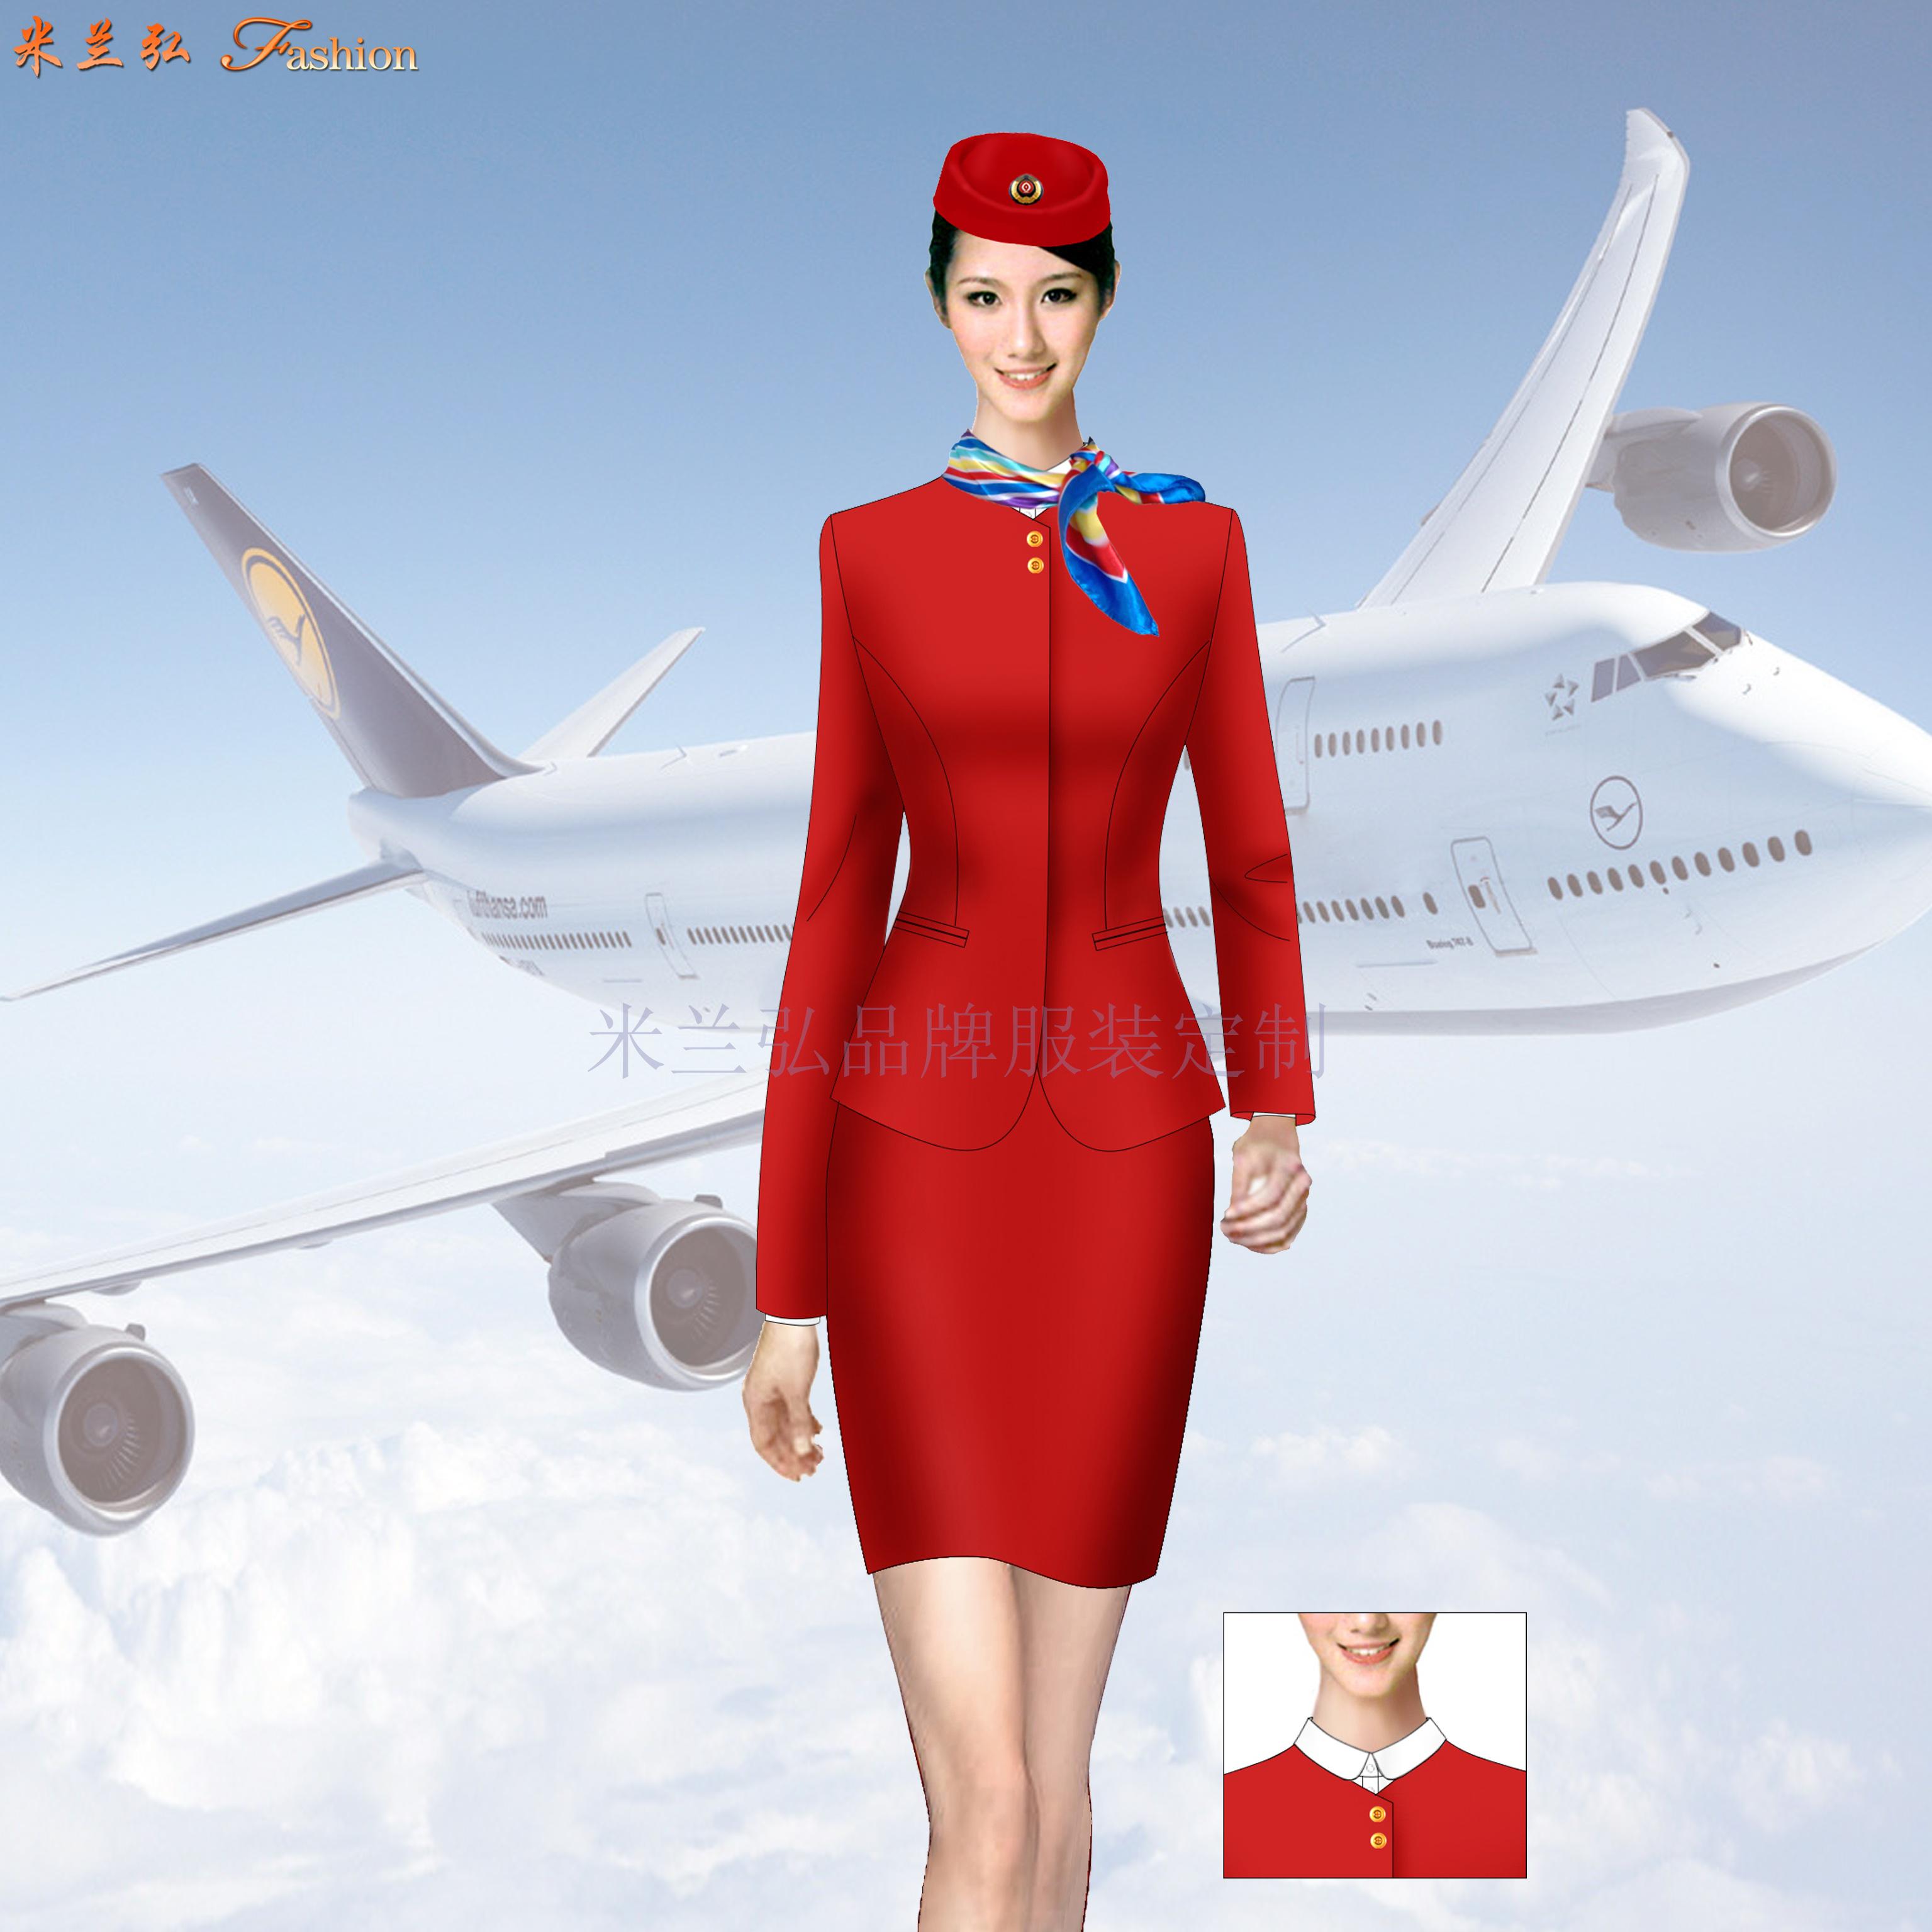 成都空姐服定制-空姐服设计制作公司-米兰弘服装-3